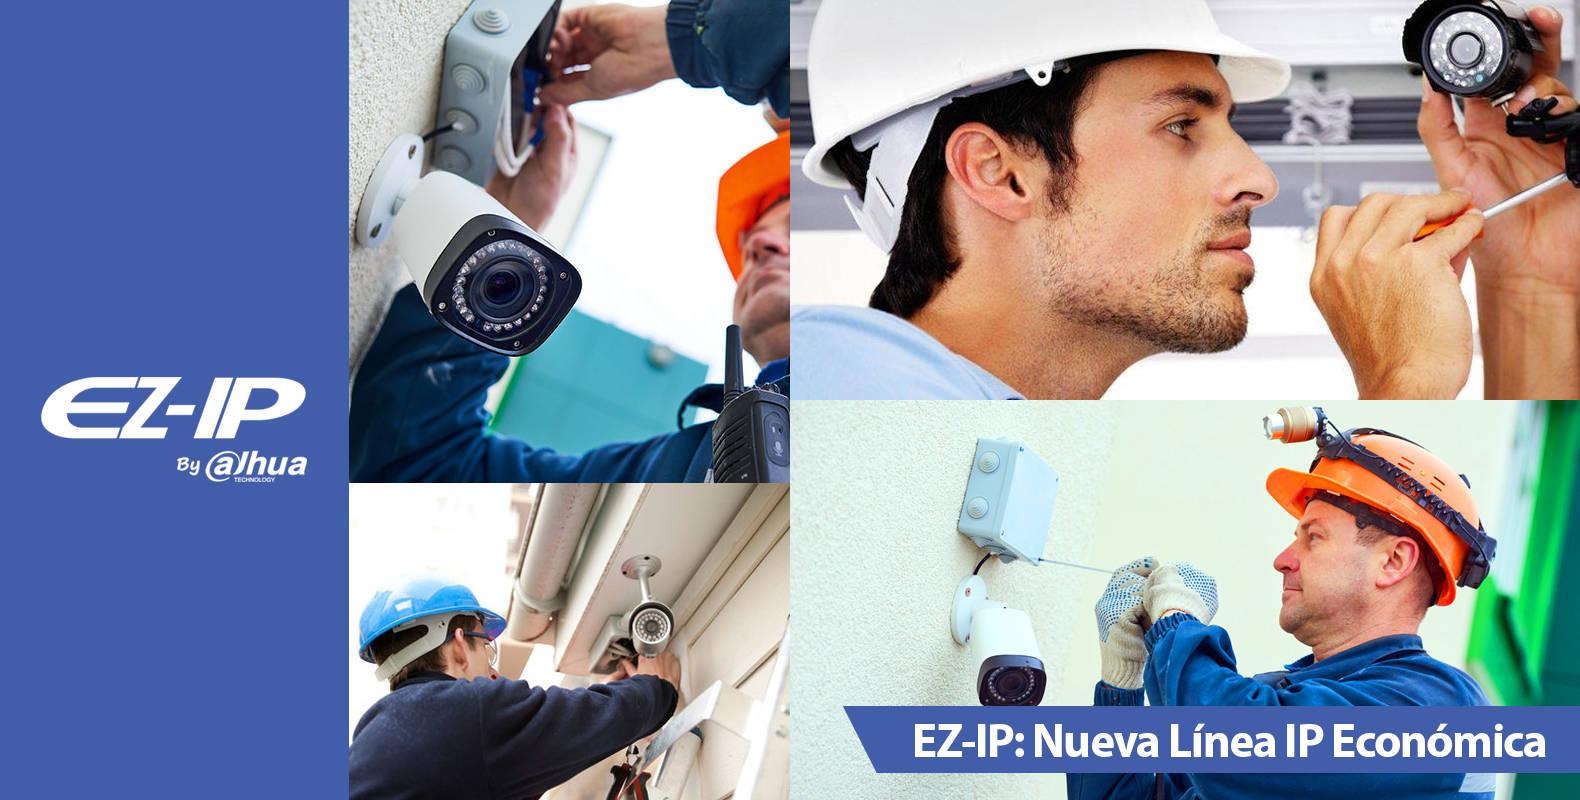 EZ-IP: La nueva línea de Cámaras IP de Dahua a bajo costo llegó a Chile